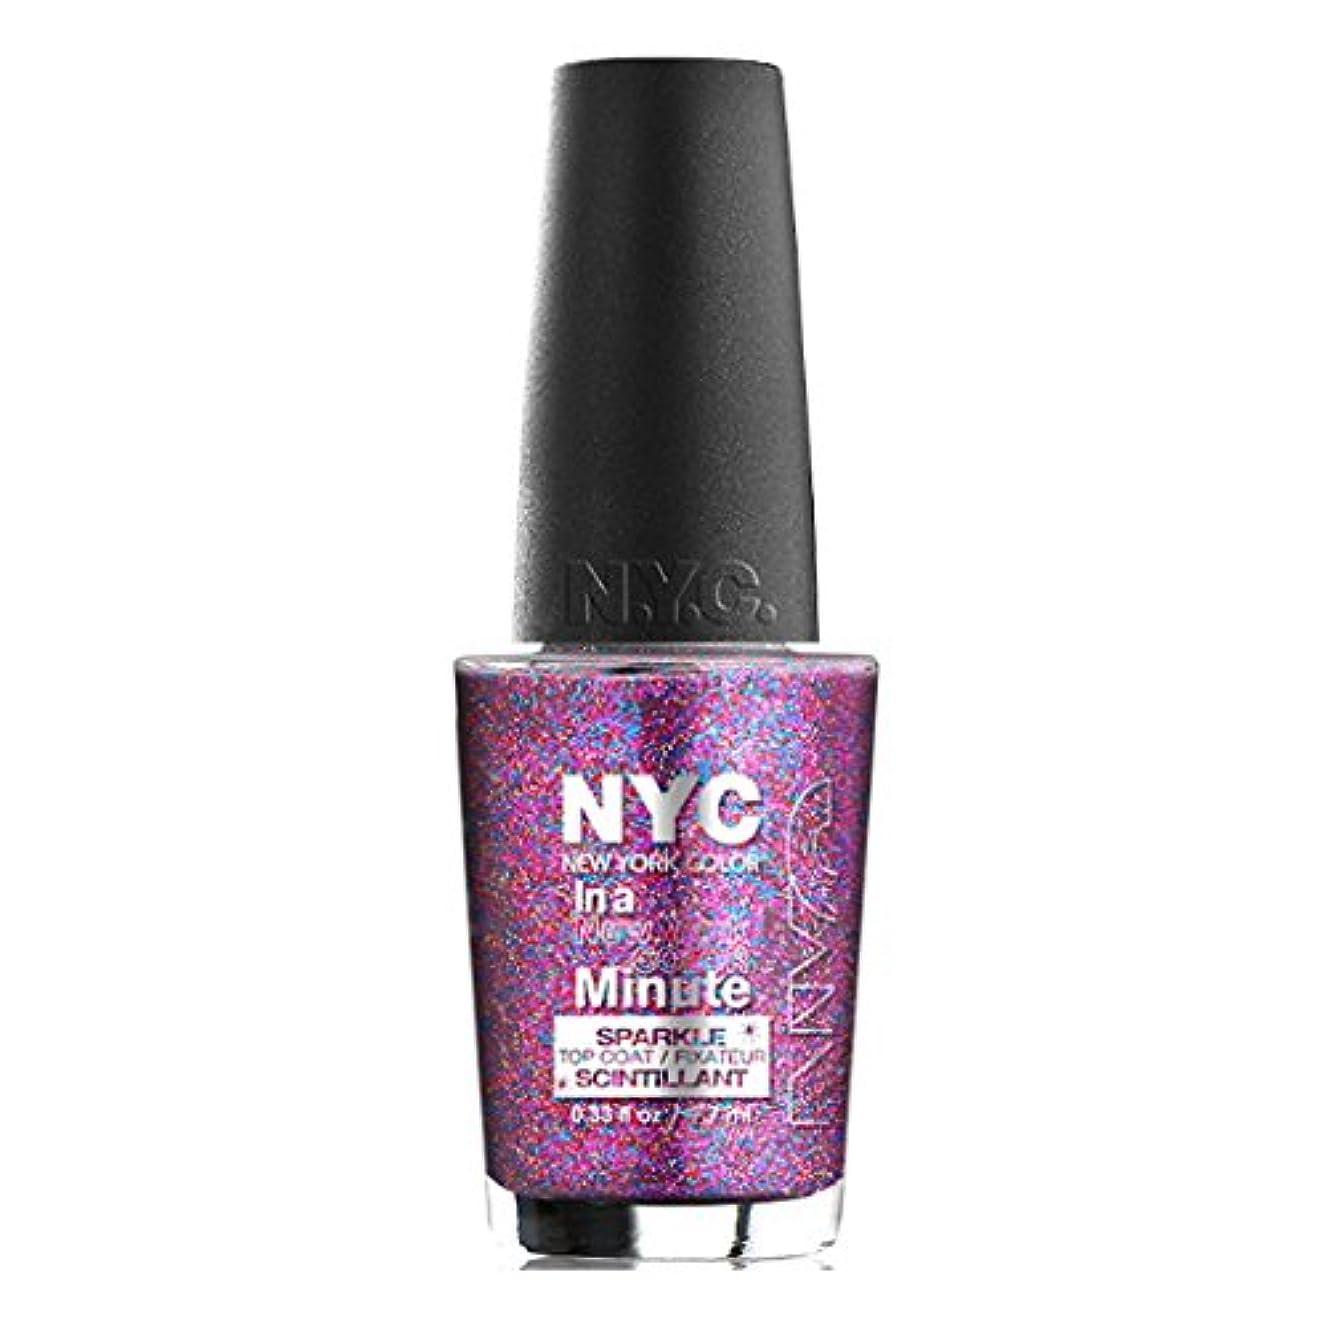 定数光沢のある最適(3 Pack) NYC In A New York Color Minute Sparkle Top Coat - Big City Dazzle (並行輸入品)